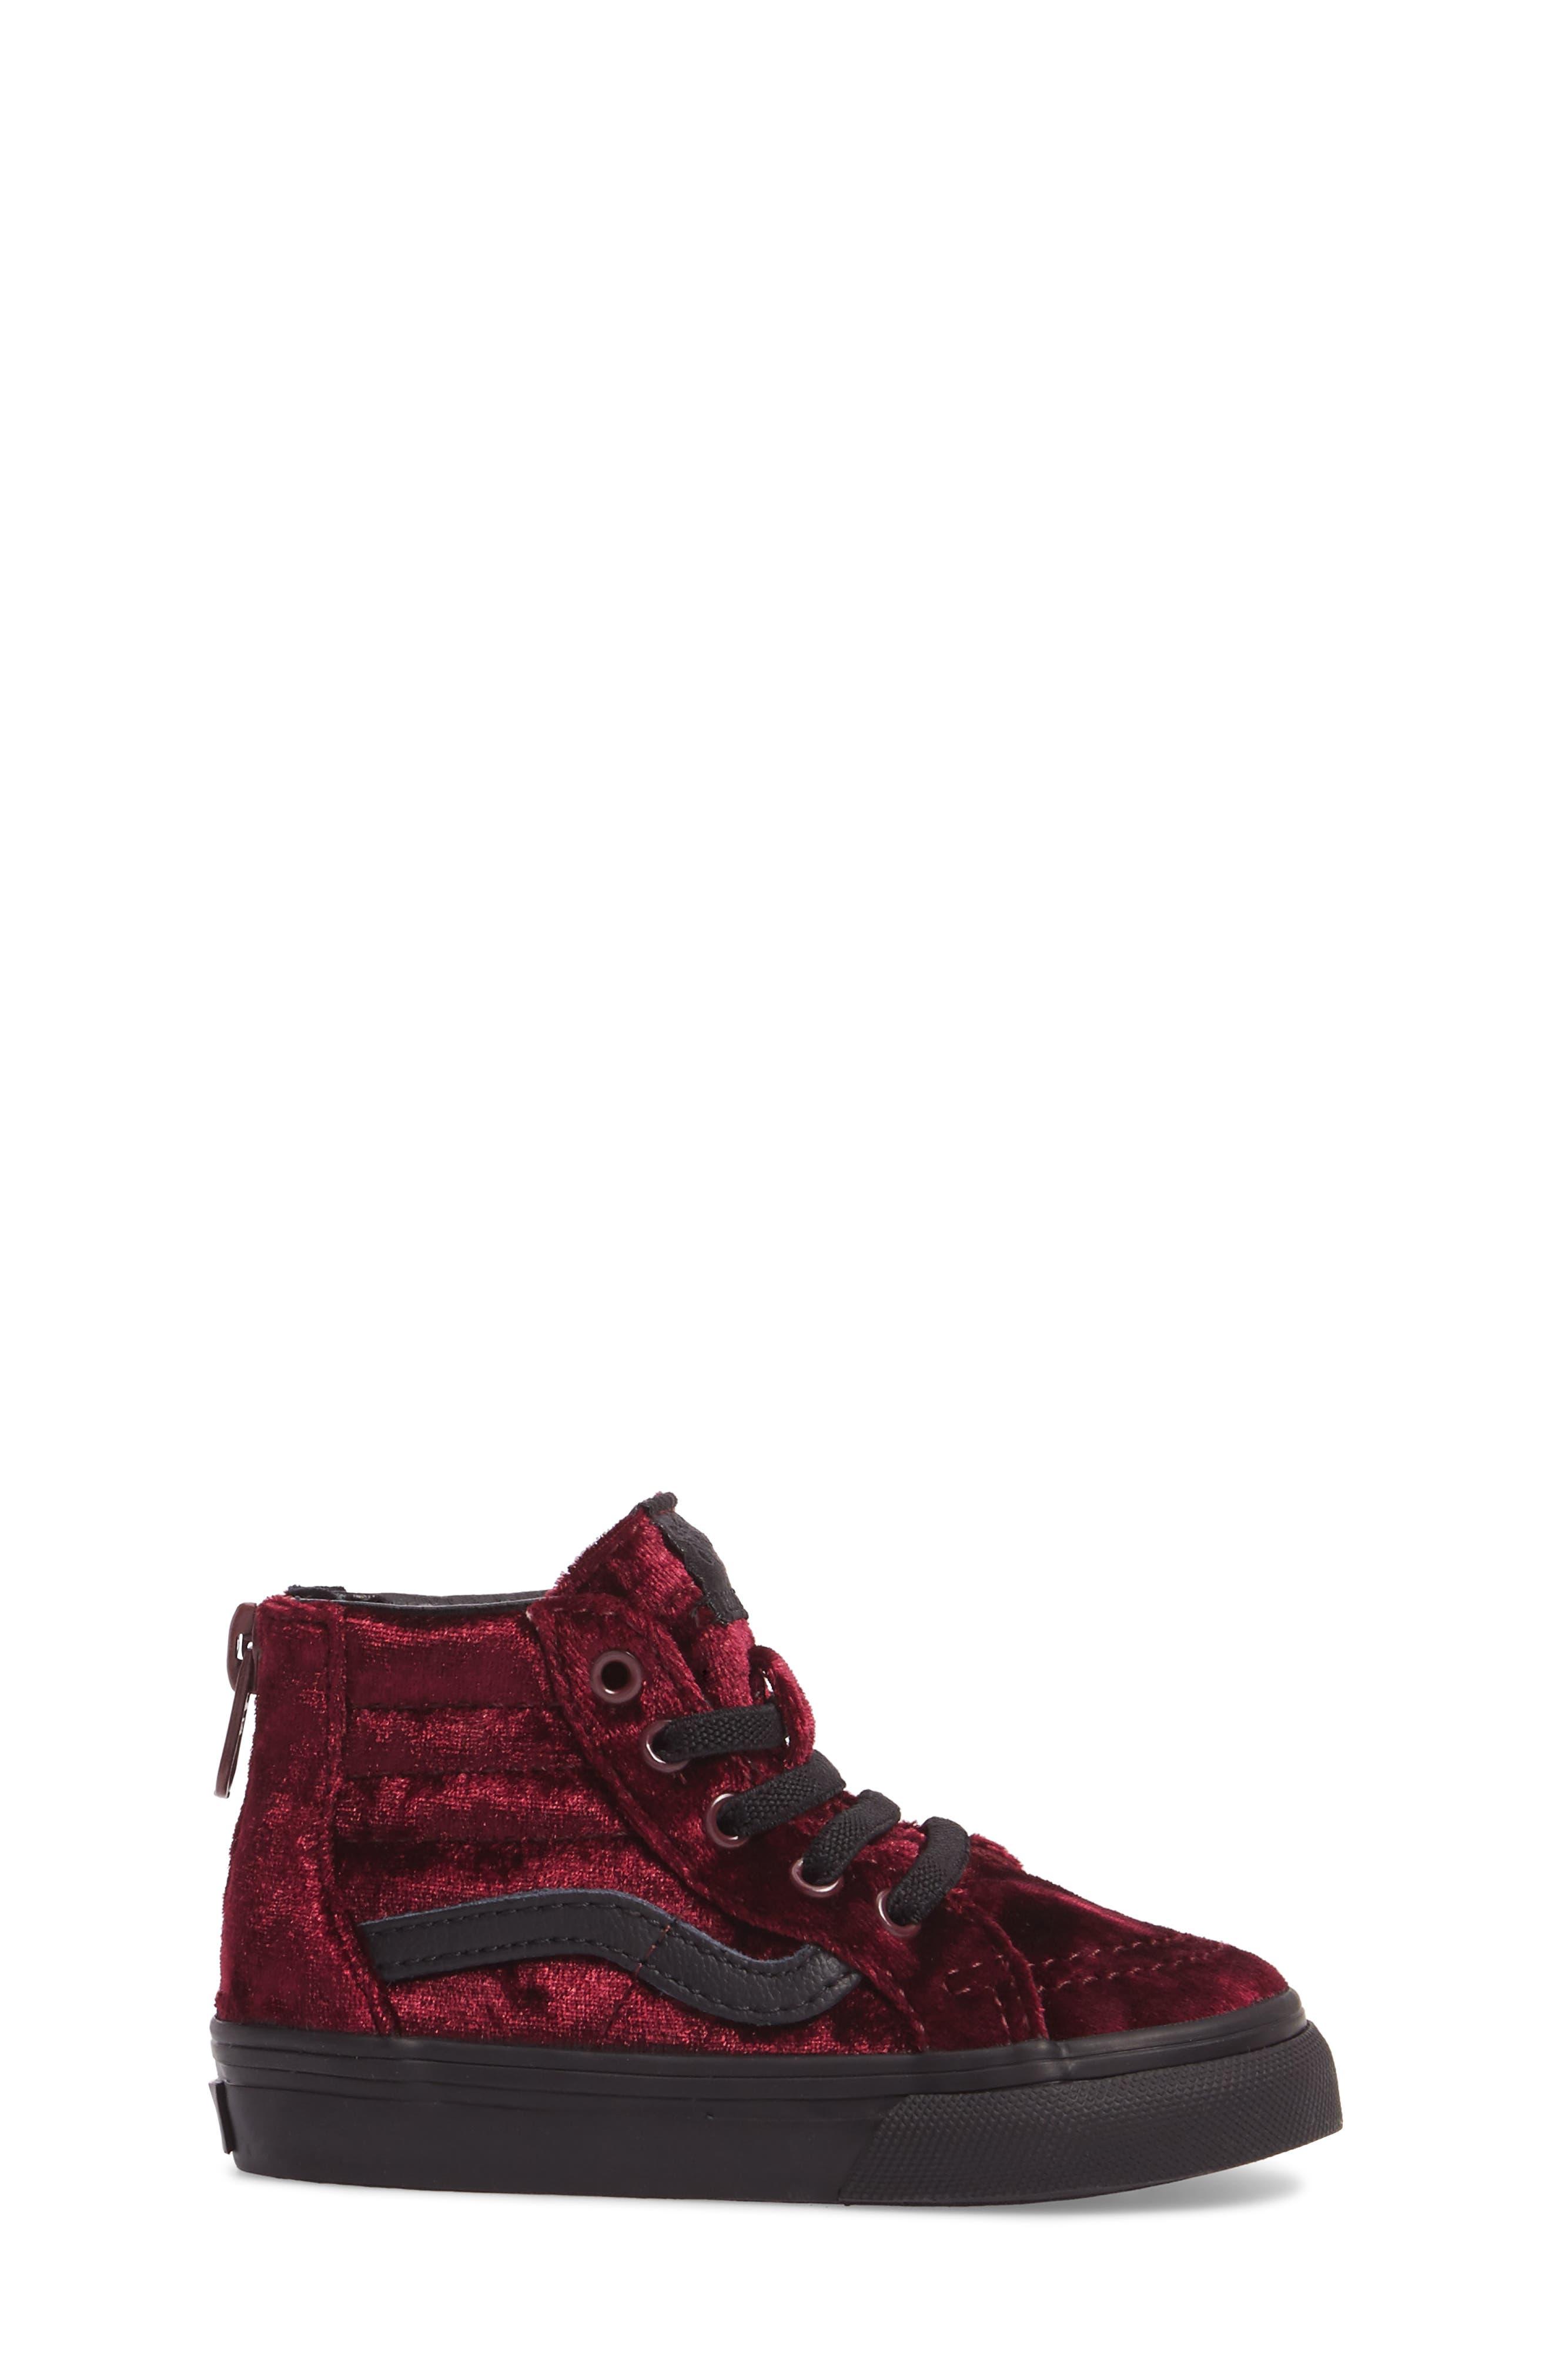 SK8-Hi Zip Sneaker,                             Alternate thumbnail 8, color,